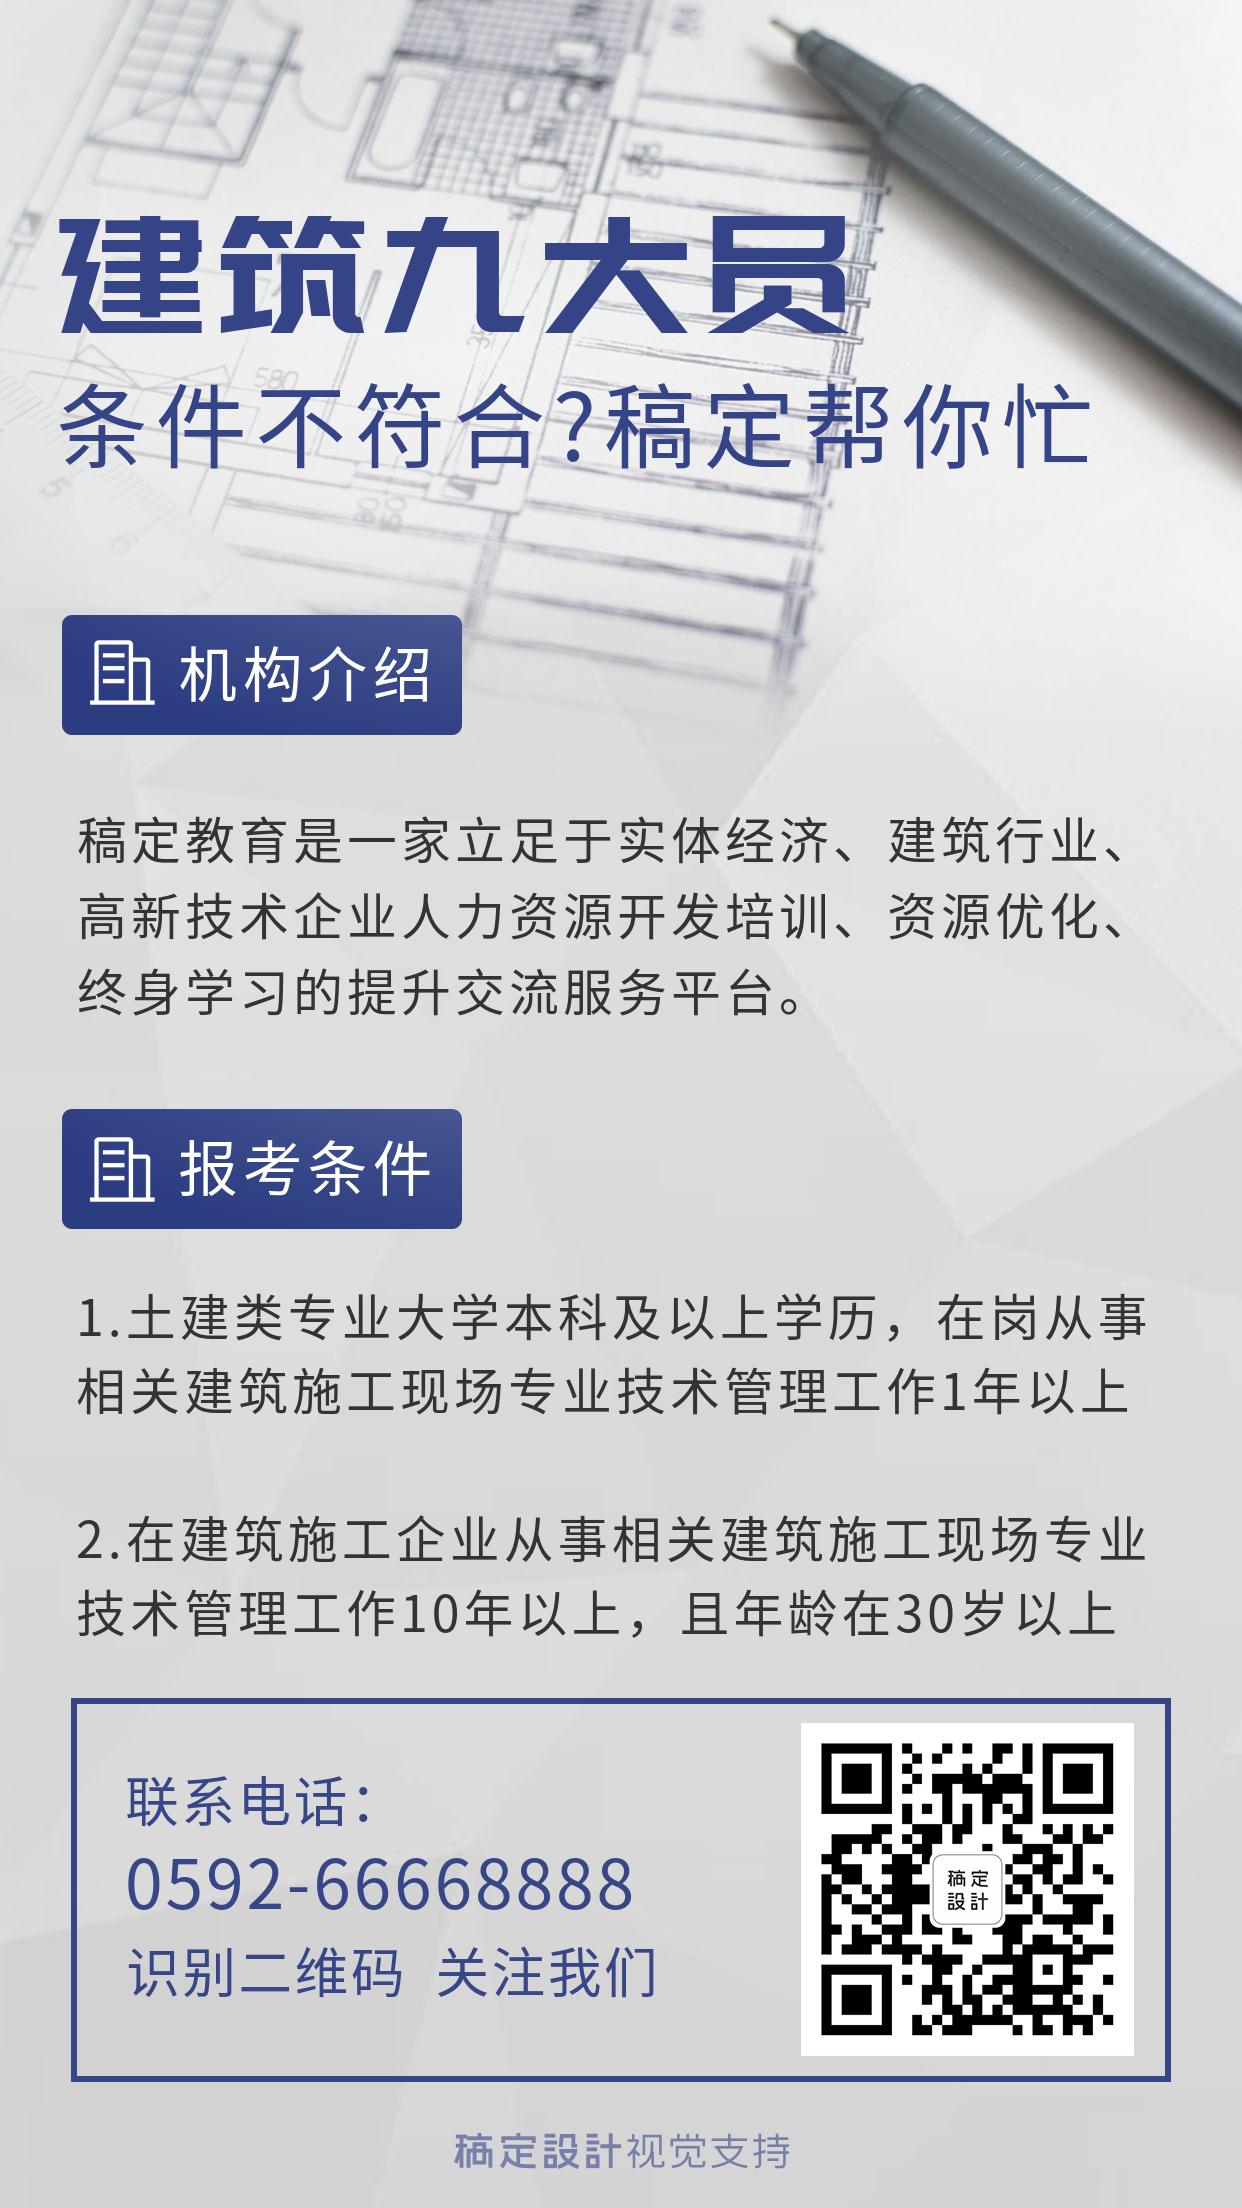 建筑培训机构介绍